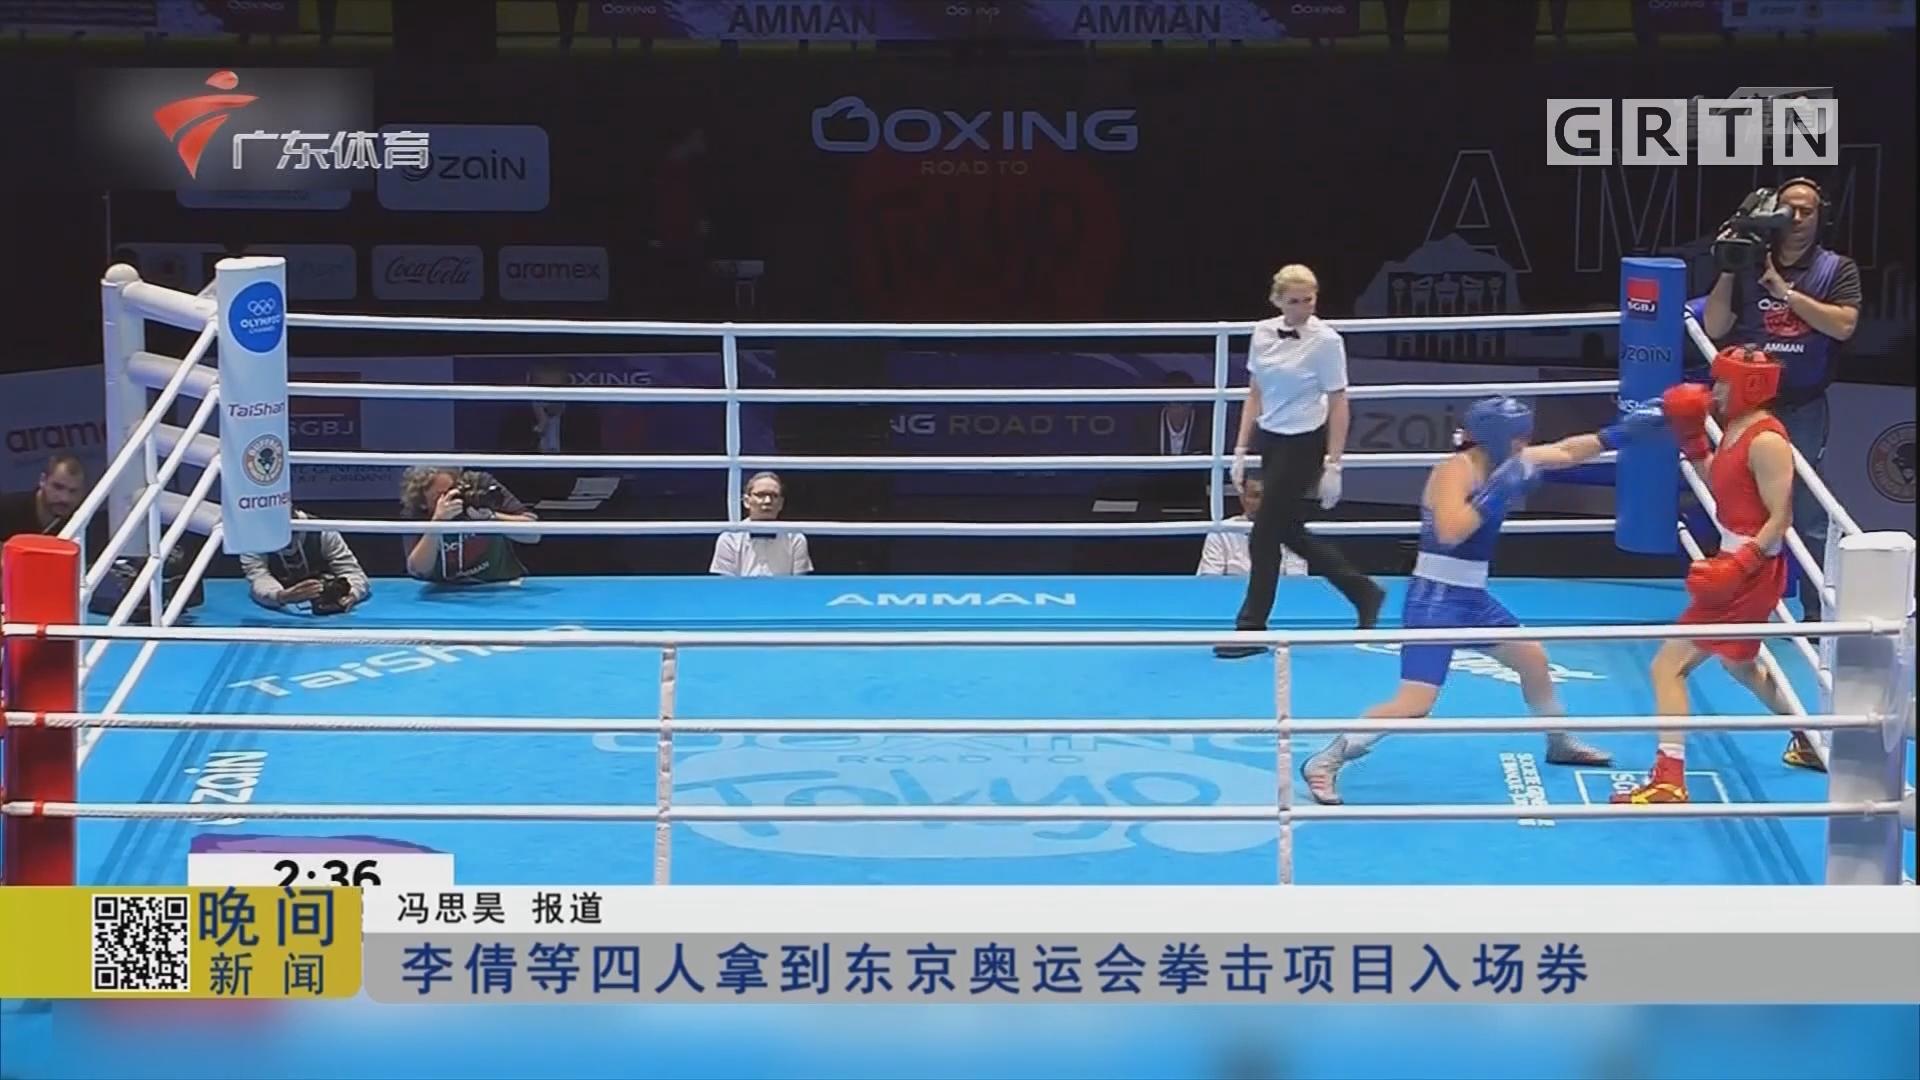 李倩等四人拿到东京奥运会拳击项目入场券